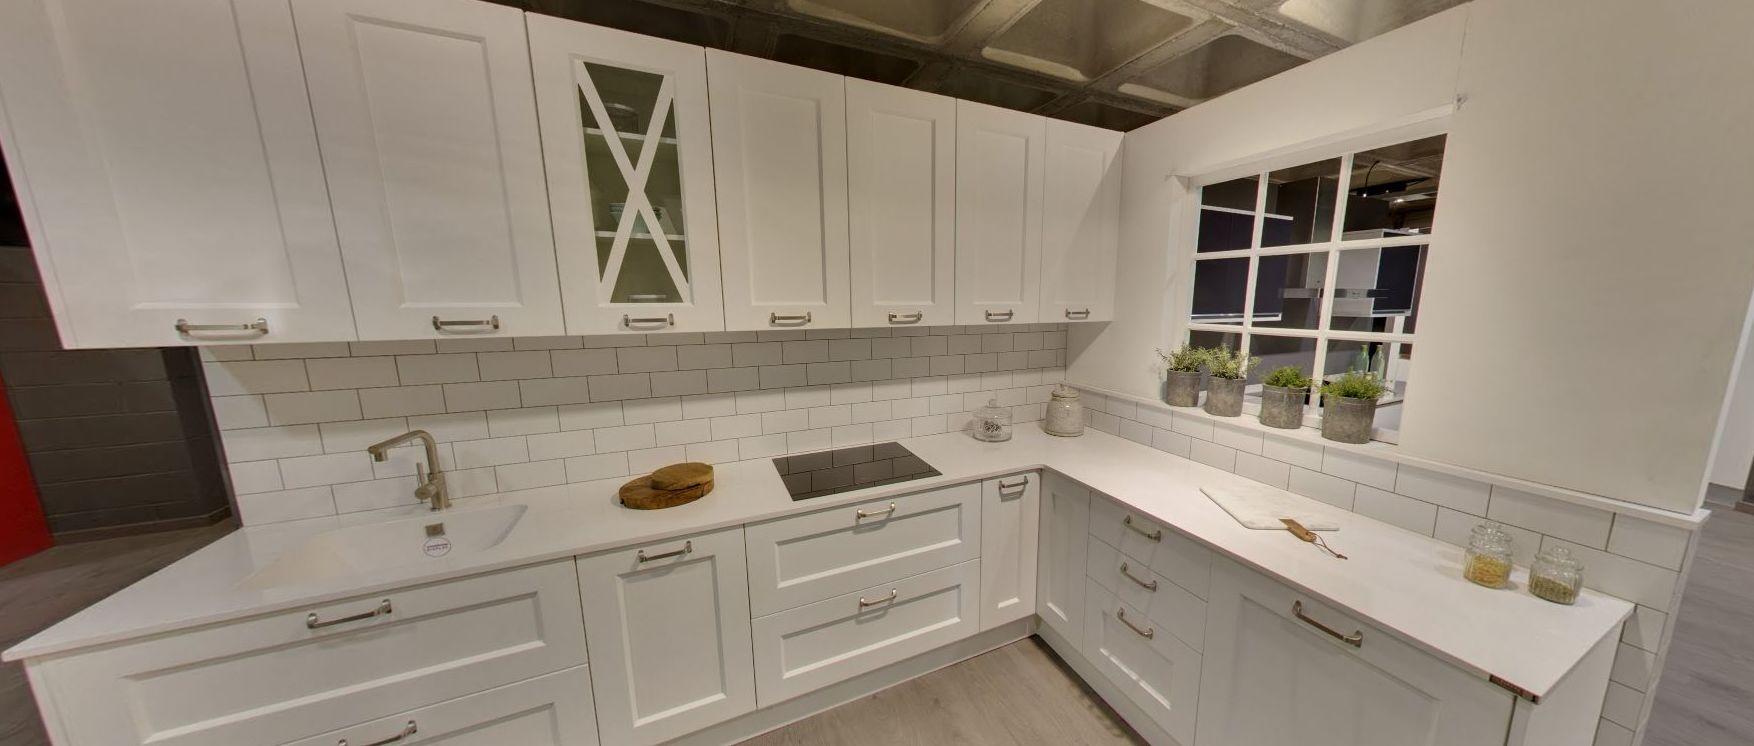 Foto 33 de Muebles de baño y cocina en Parets Del Vallès | TPC Cocinas